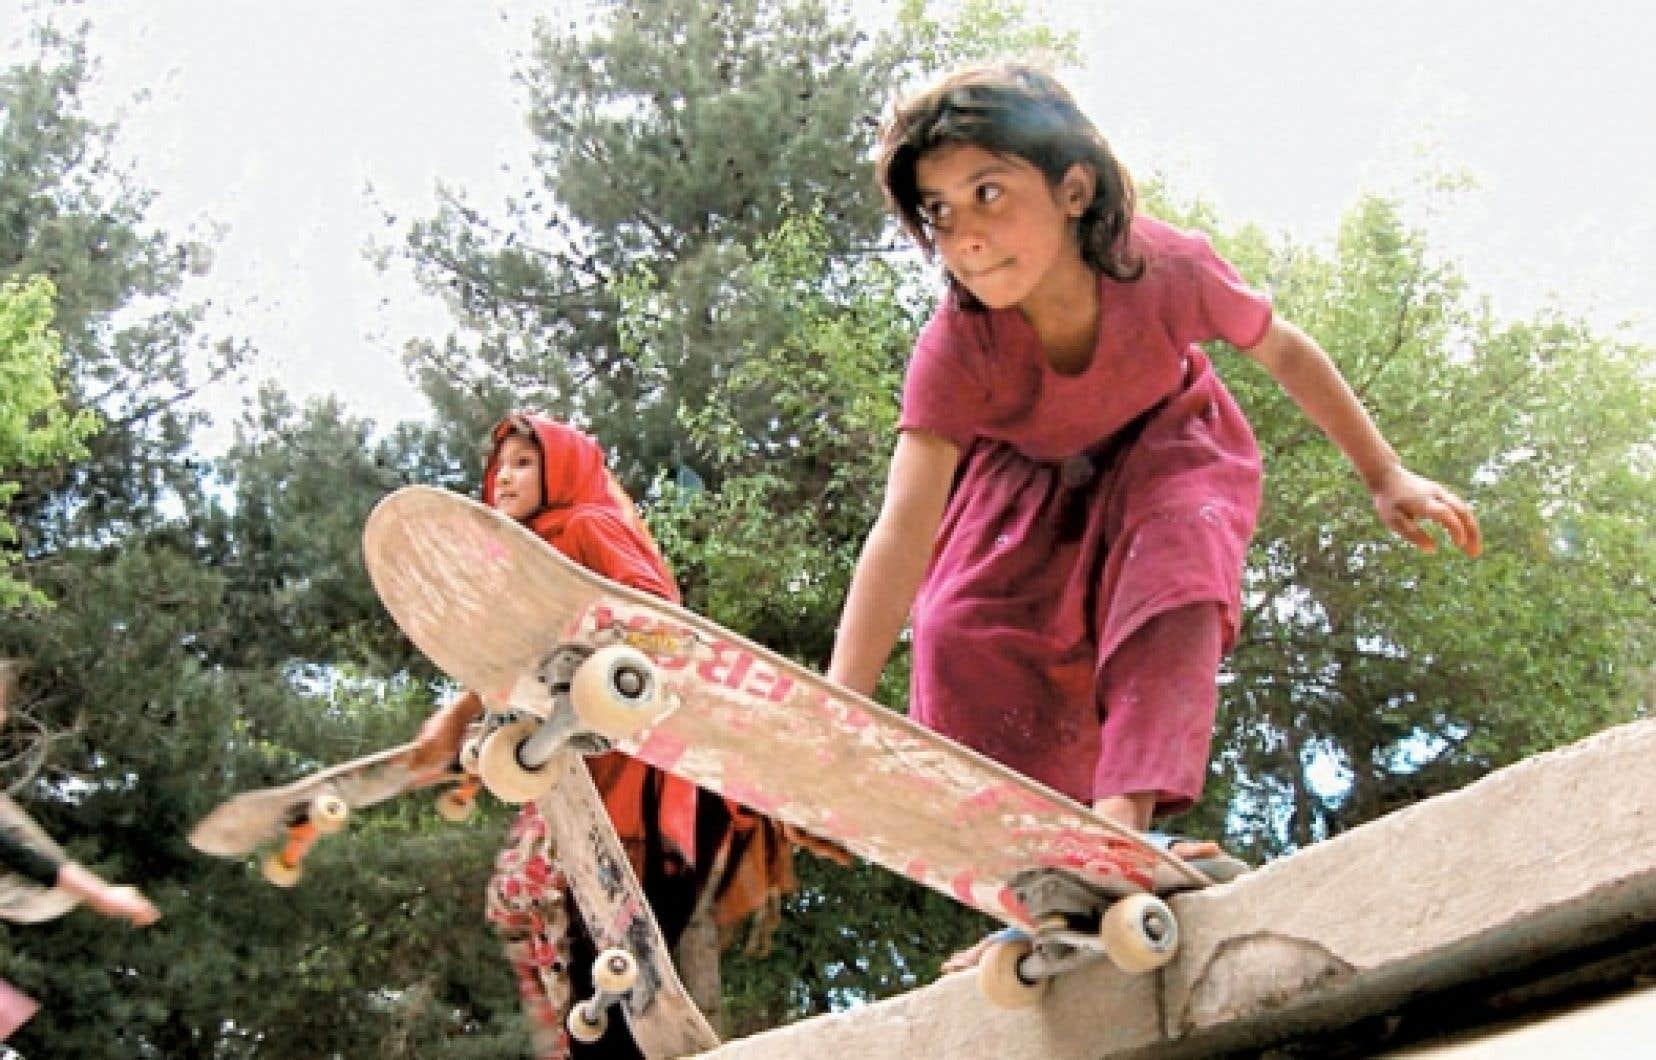 Dans Skateistan : Four Wheels and a Board in Kabul, on voit de jeunes filles et garçons rivaliser de manœuvres dans le skatepark de Kaboul.